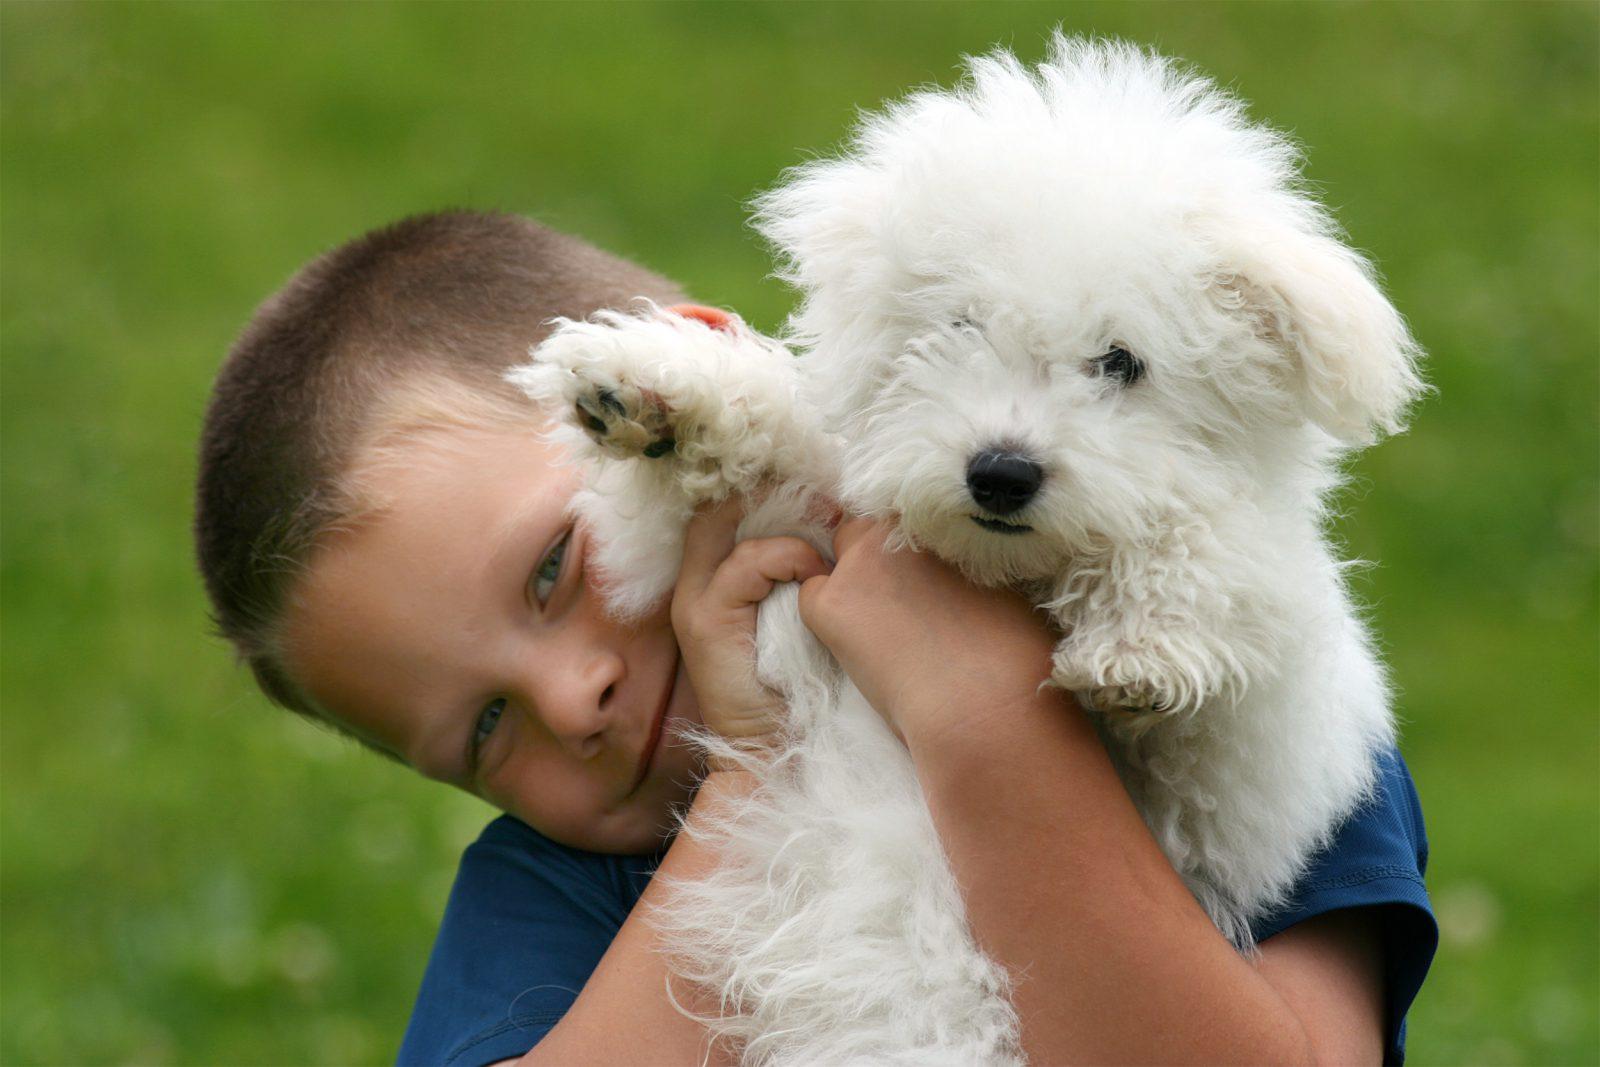 Cachorros pequenos: Garotinho abraçado com o seu filhite de Bichon frisé